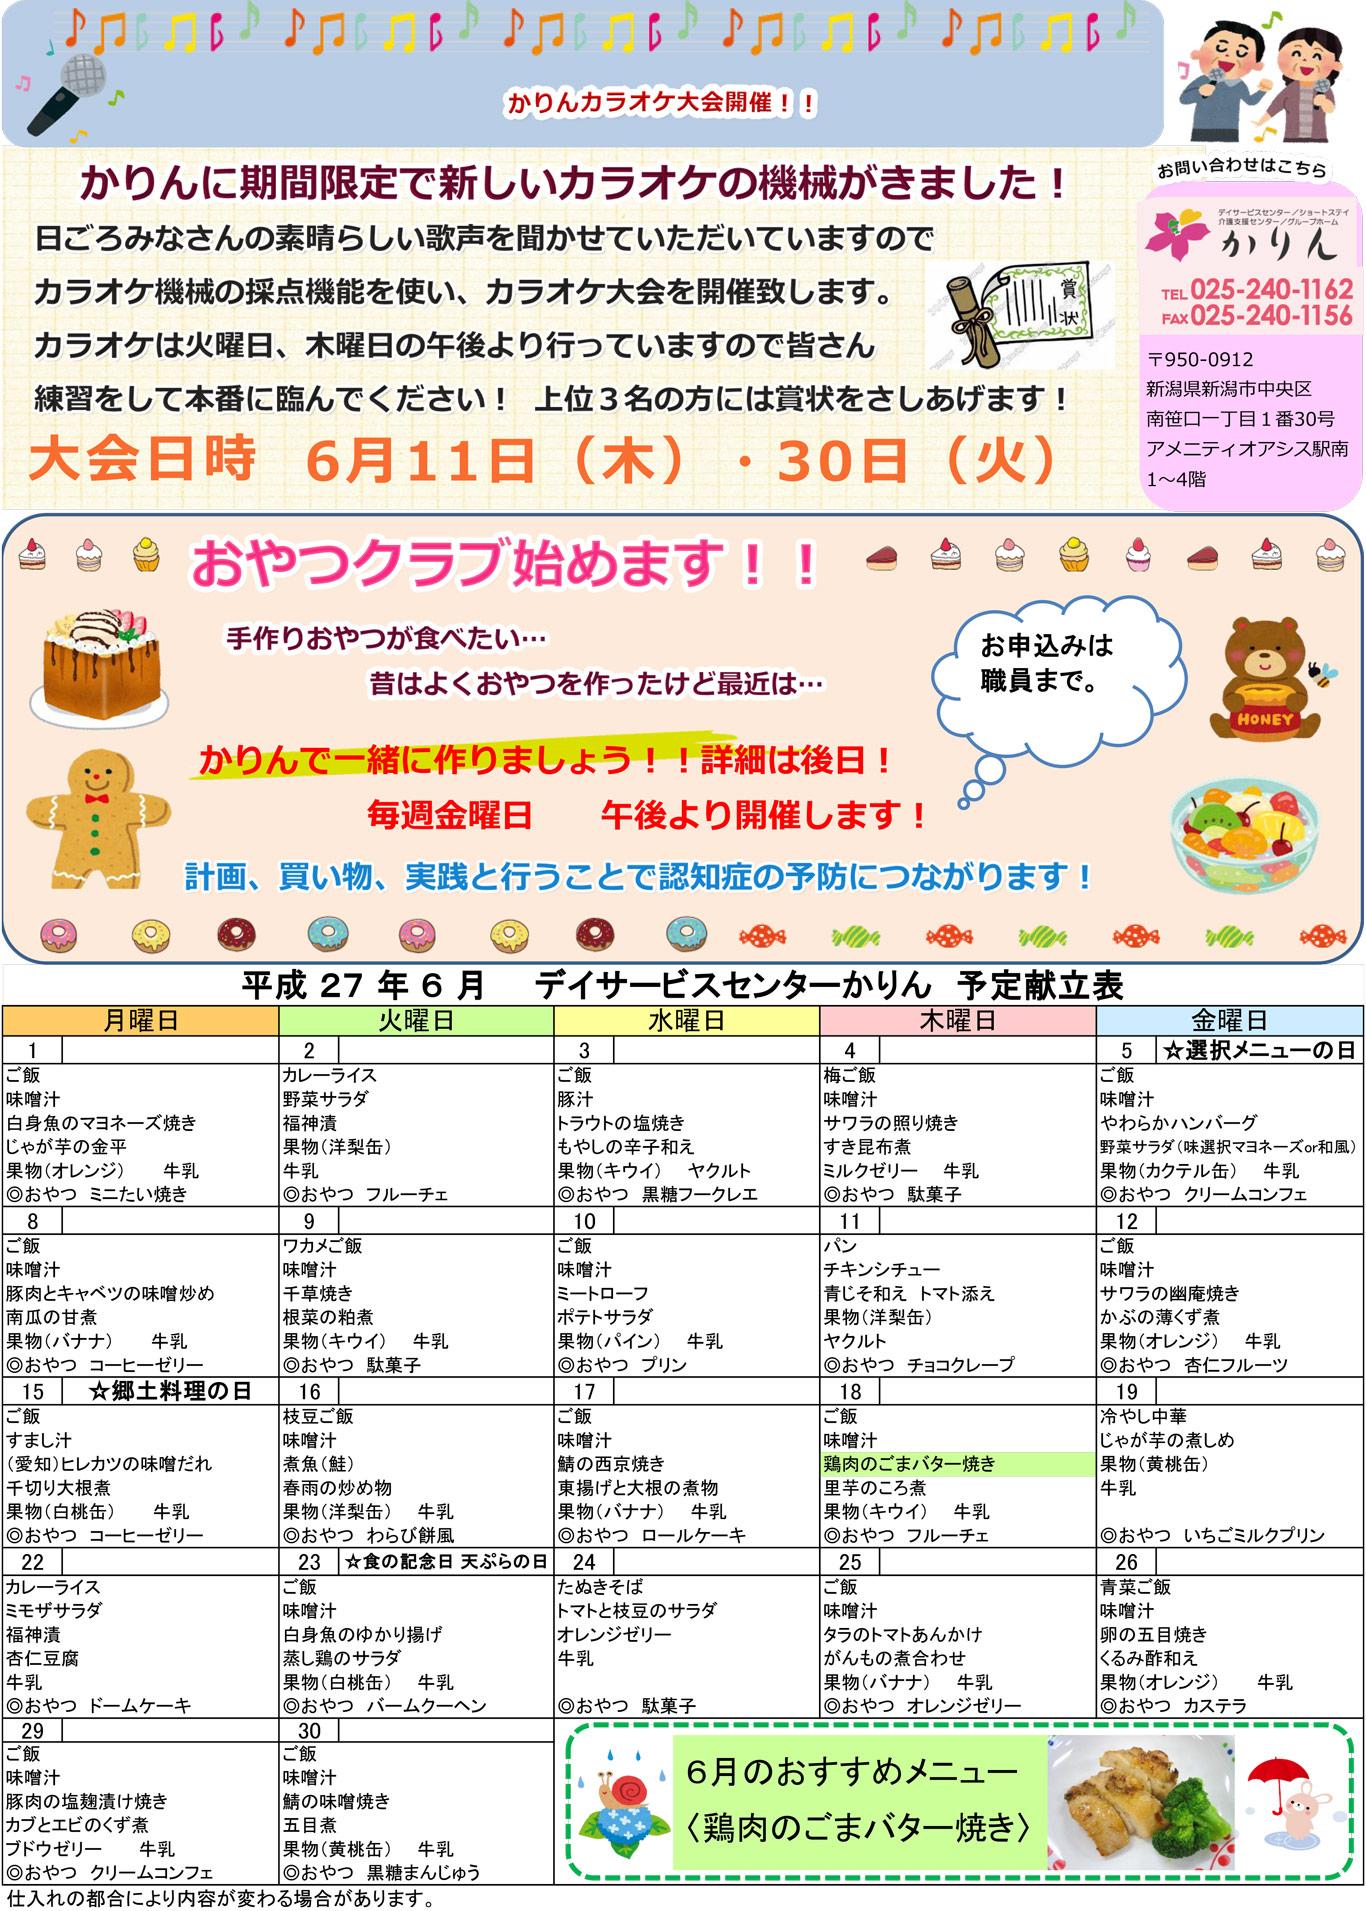 2015年6月かわら版「かりんカラオケ大会開催!!」裏